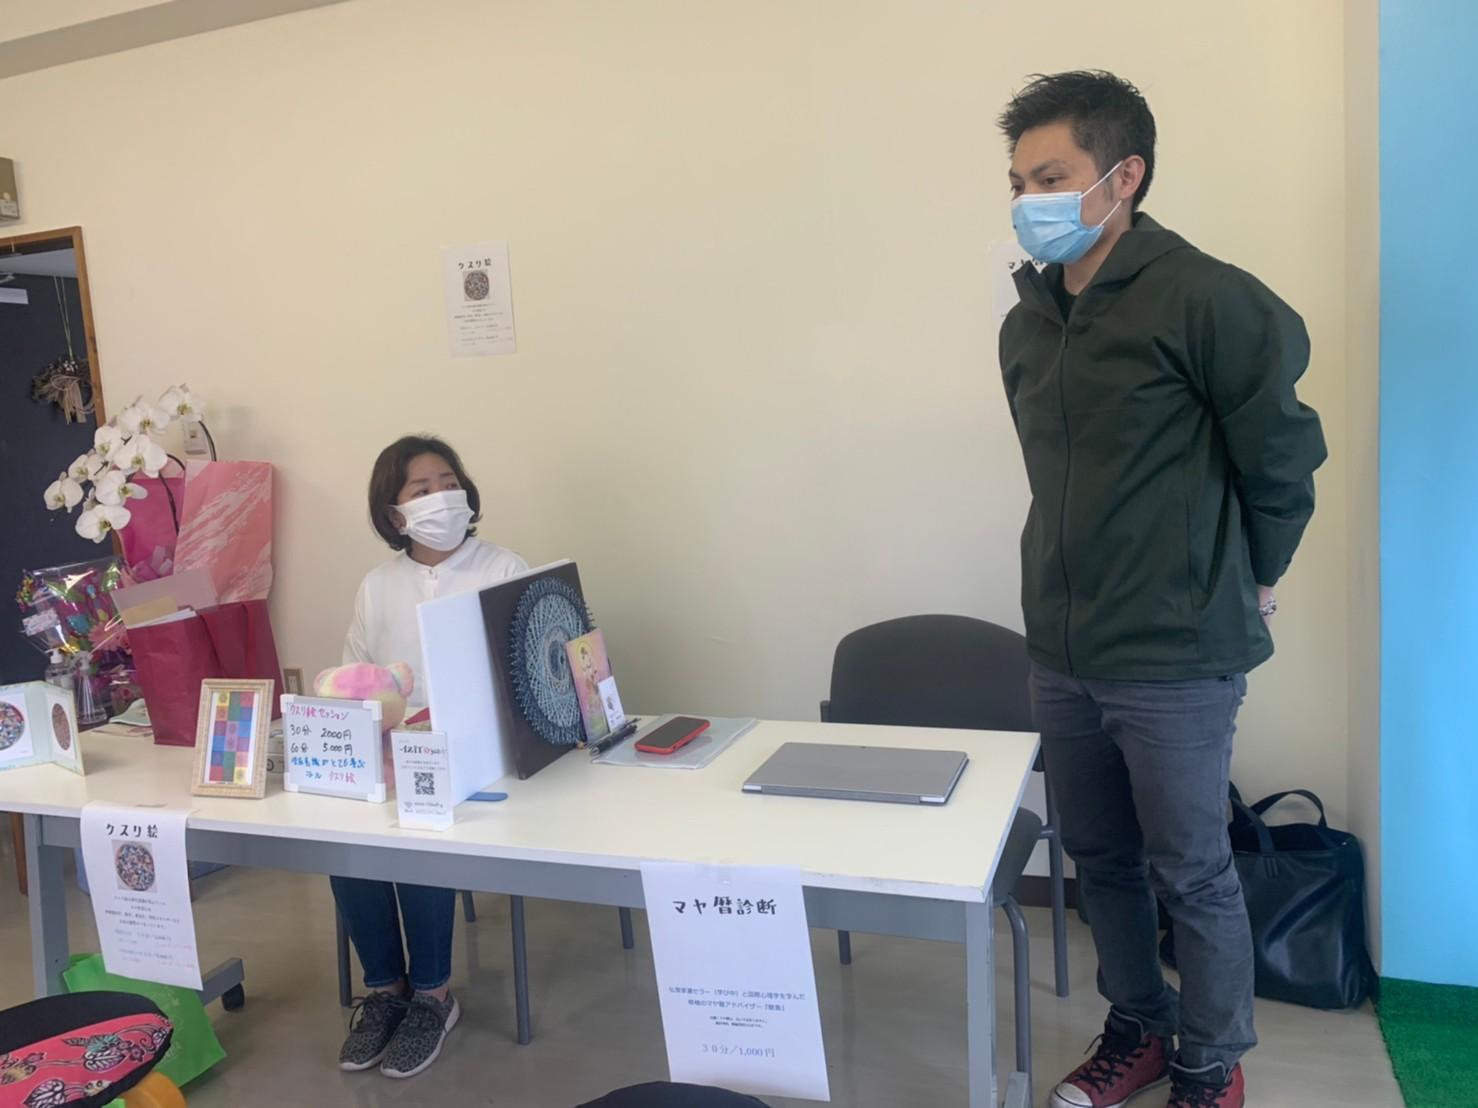 沖縄県豊見城のレンタルスペースアジト302でのイベントの様子